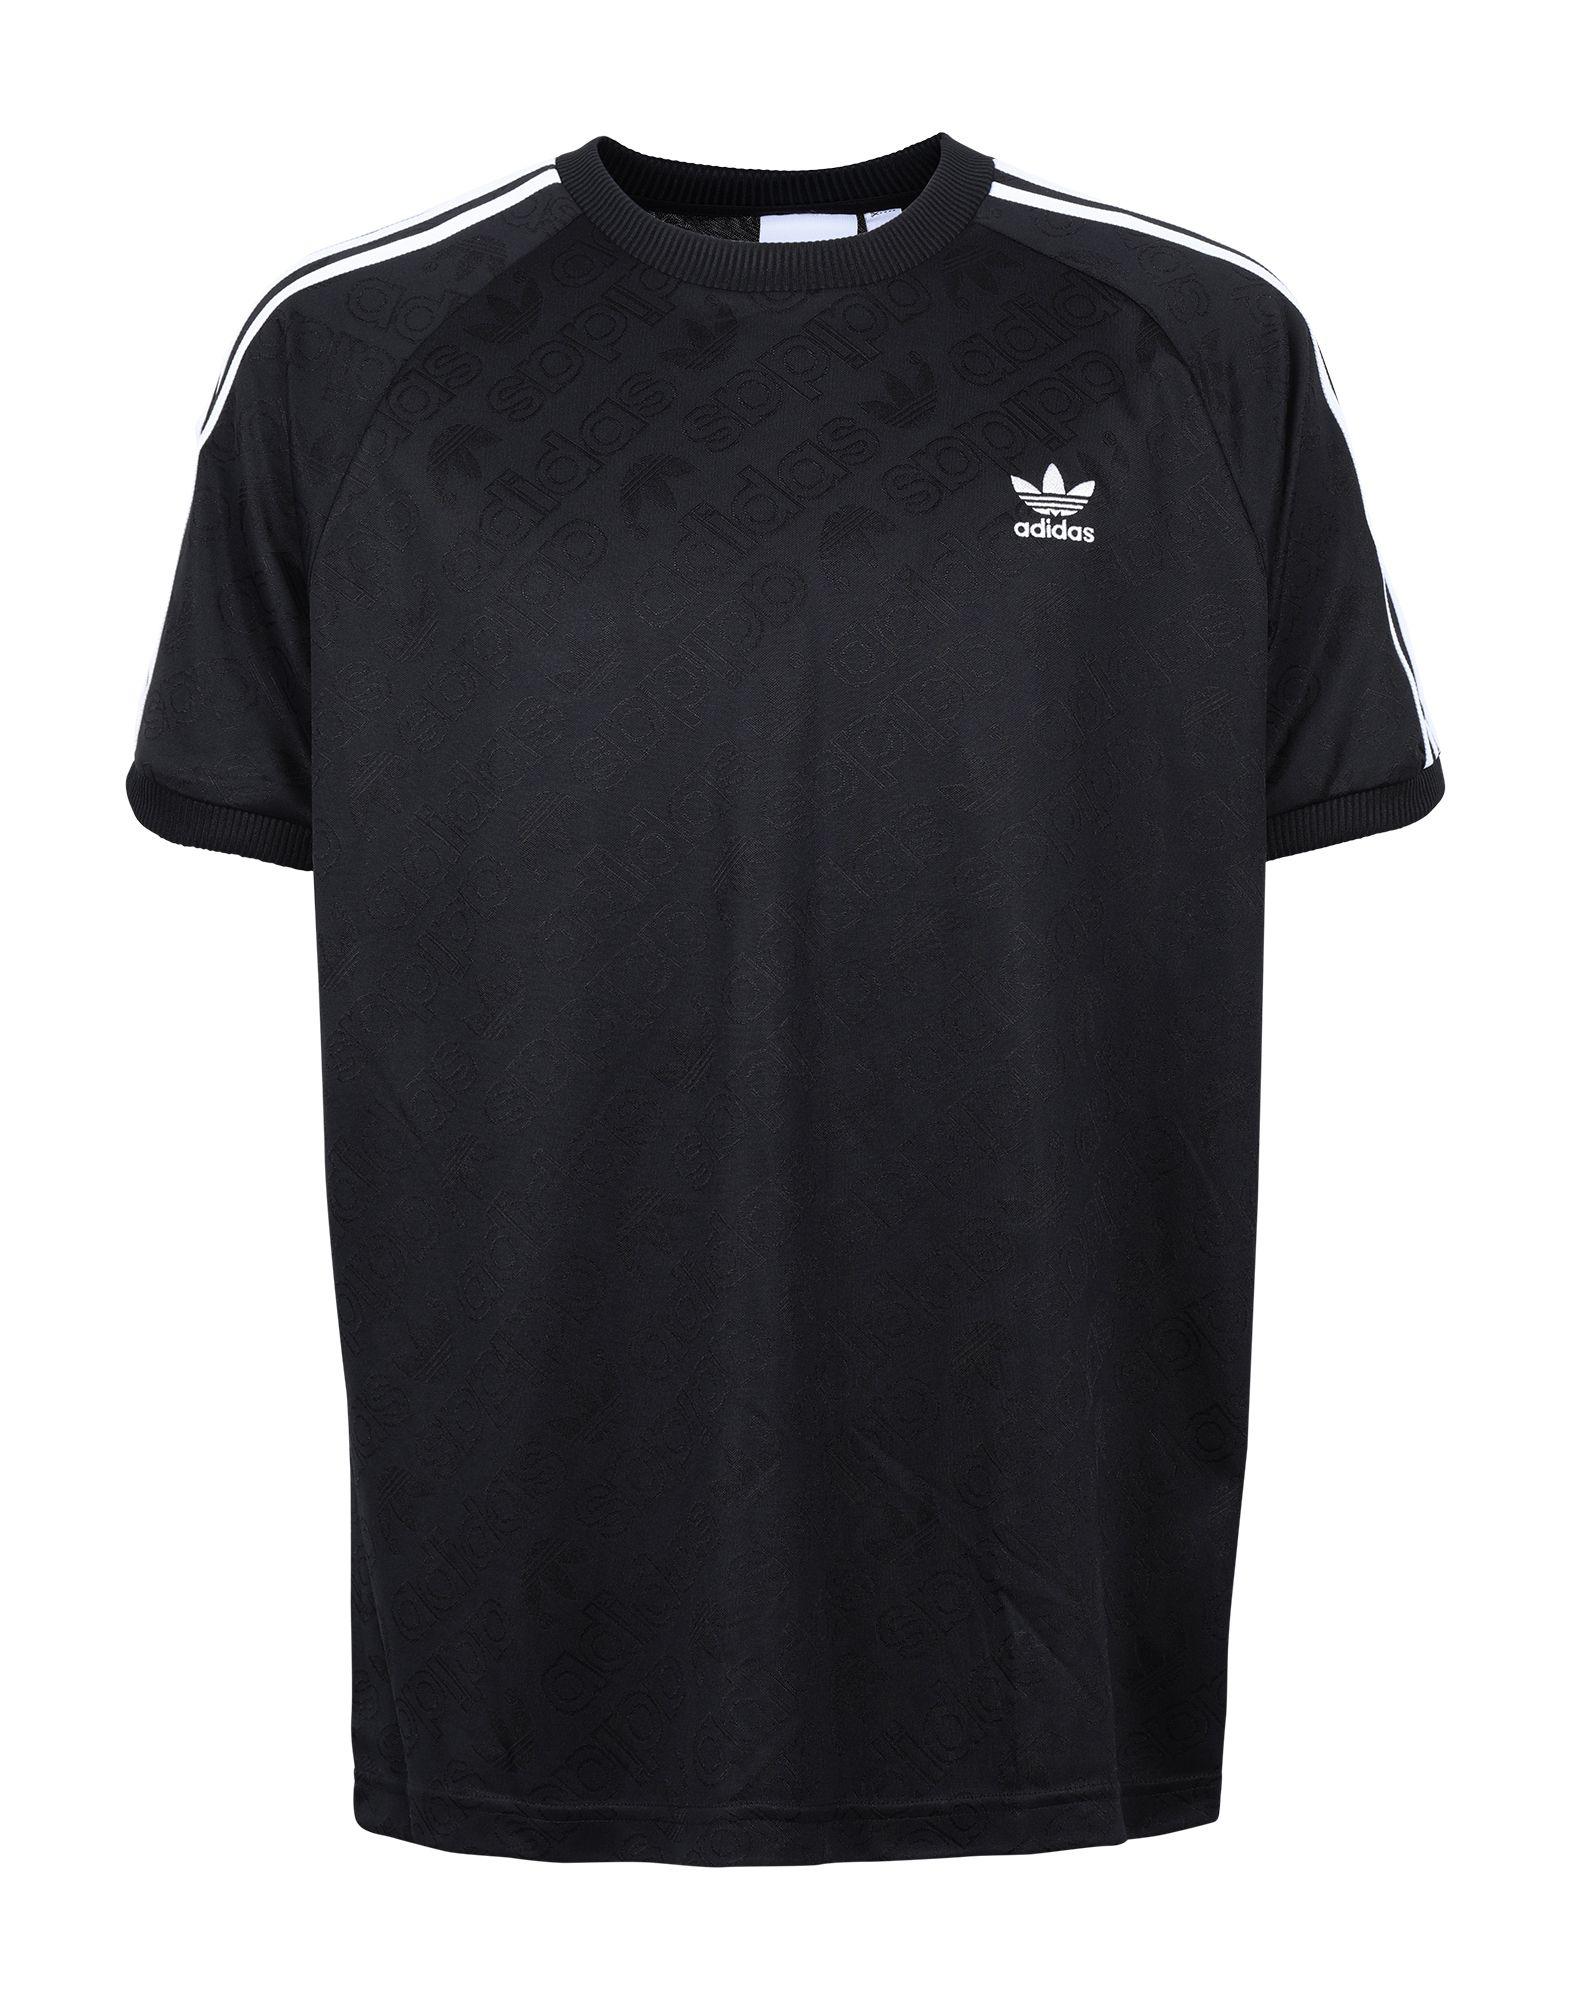 《セール開催中》ADIDAS ORIGINALS メンズ T シャツ ブラック S リサイクルポリエステル 63% / ポリエステル 37% MONO JERSEY